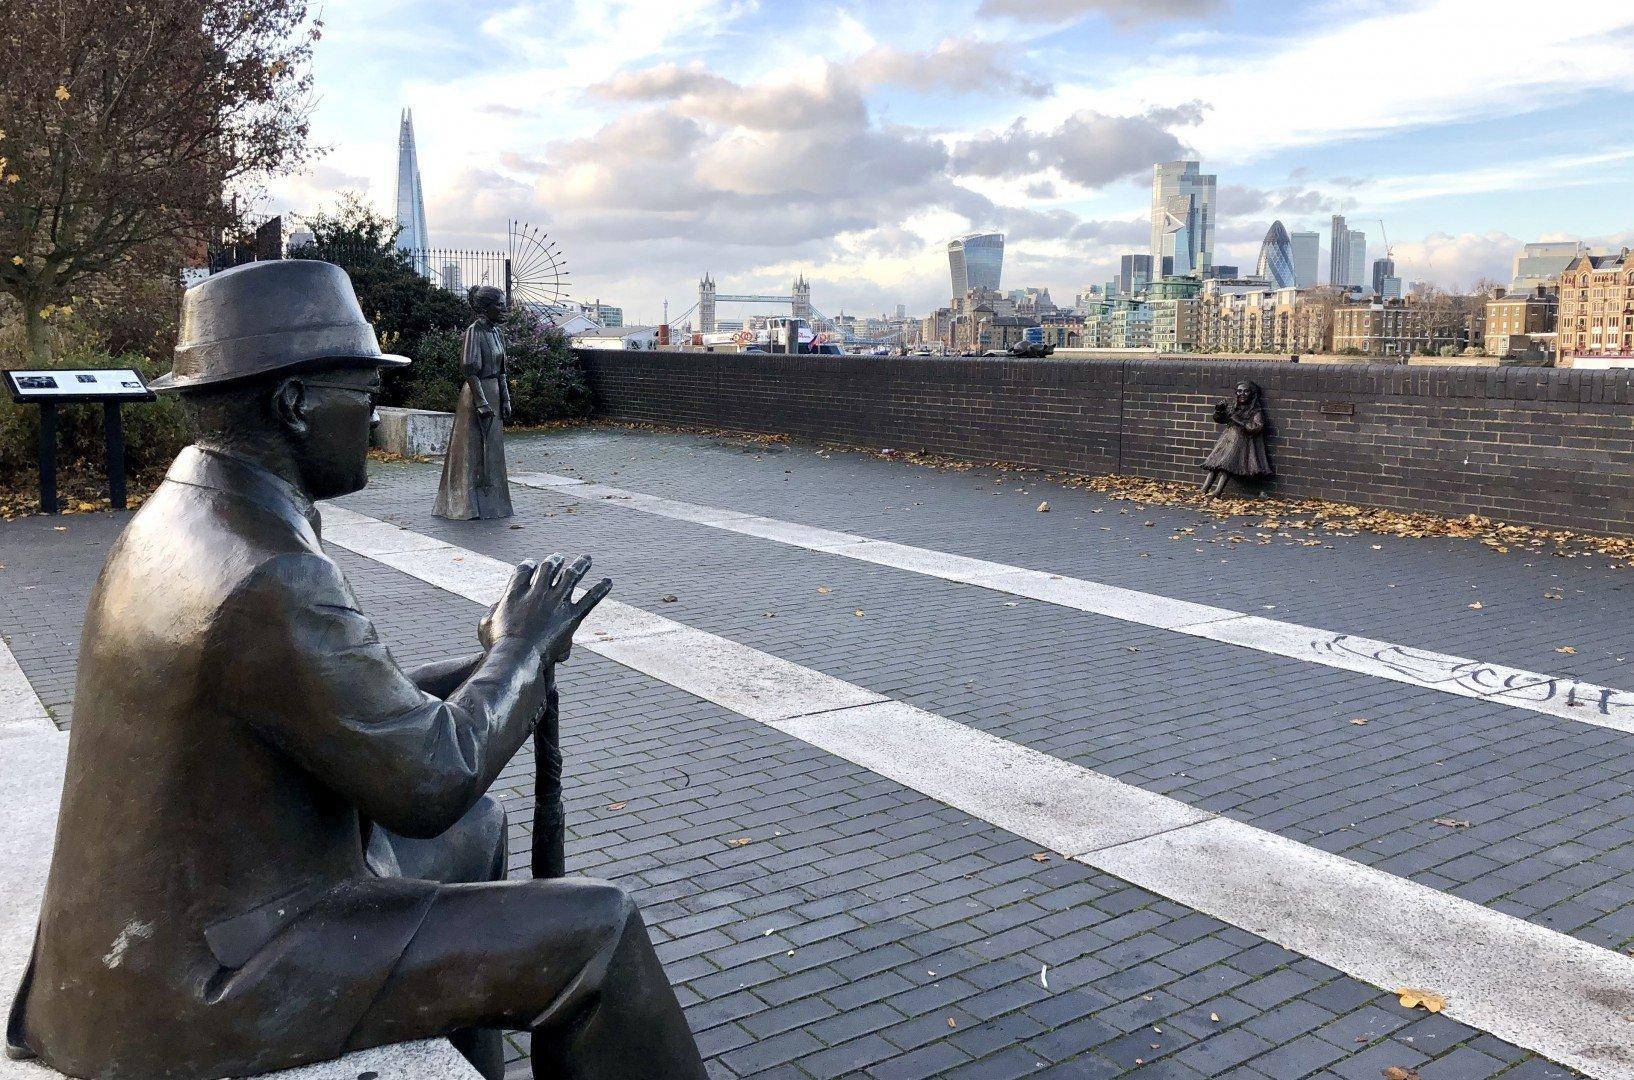 Dr Salter Sculpture Bermondsey